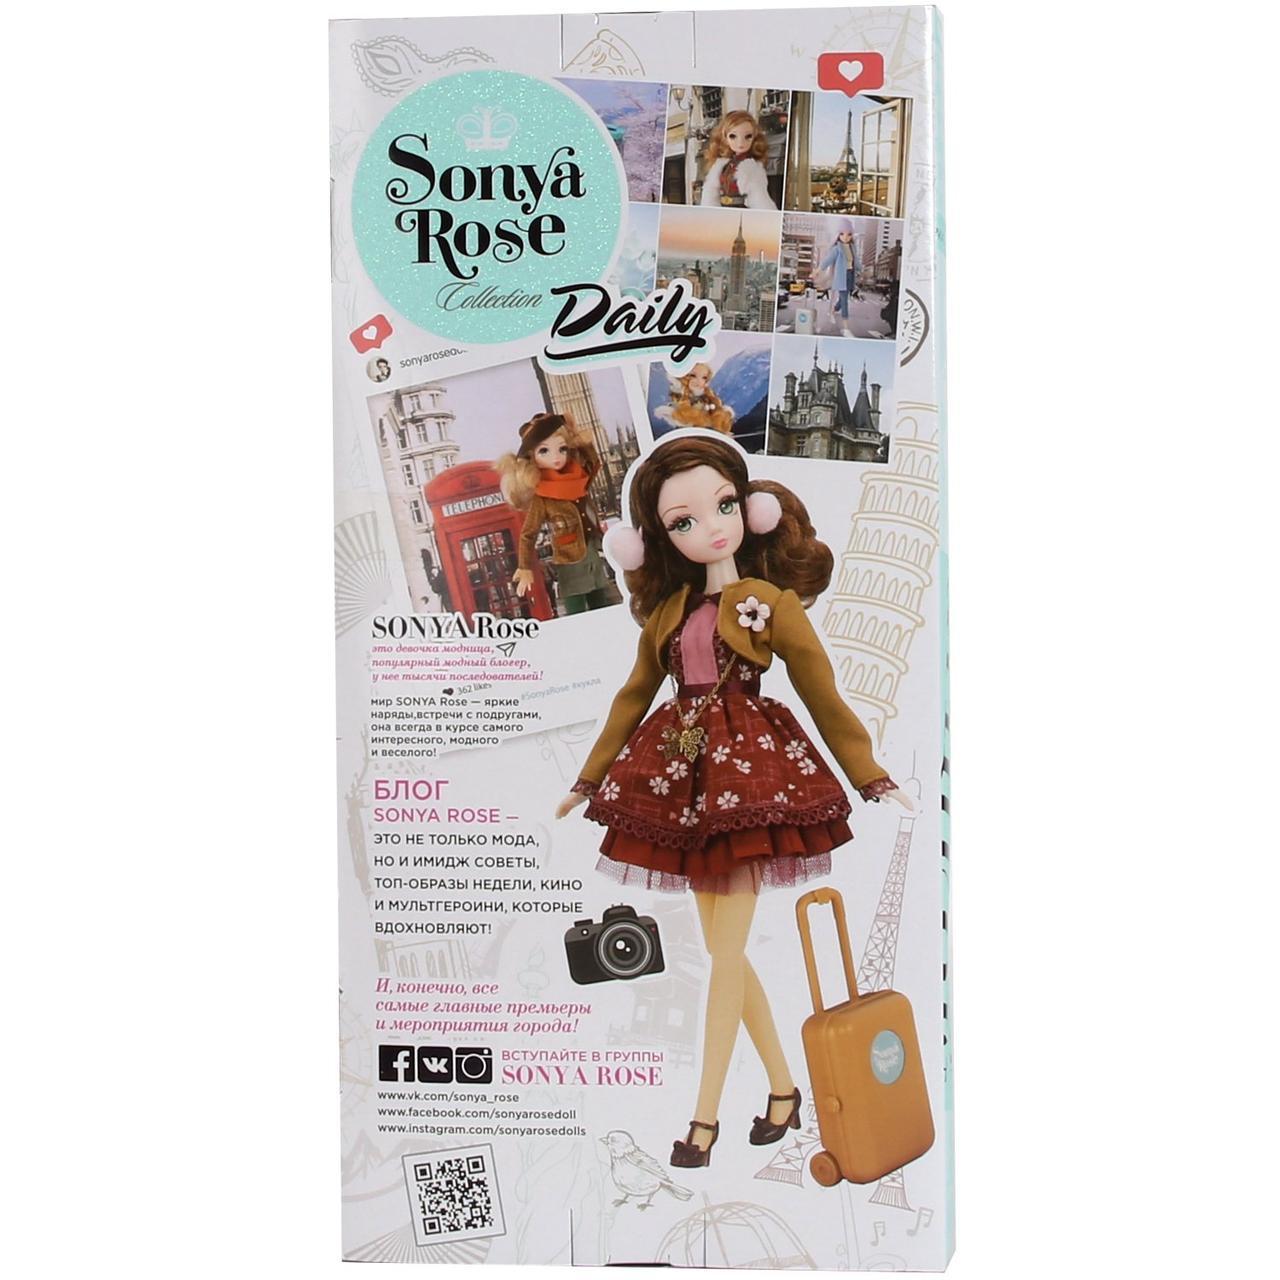 """Кукла Sonya Rose, серия """"Daily collection"""" Путешествие в Японию (Gulliver, Россия) - фото 3"""